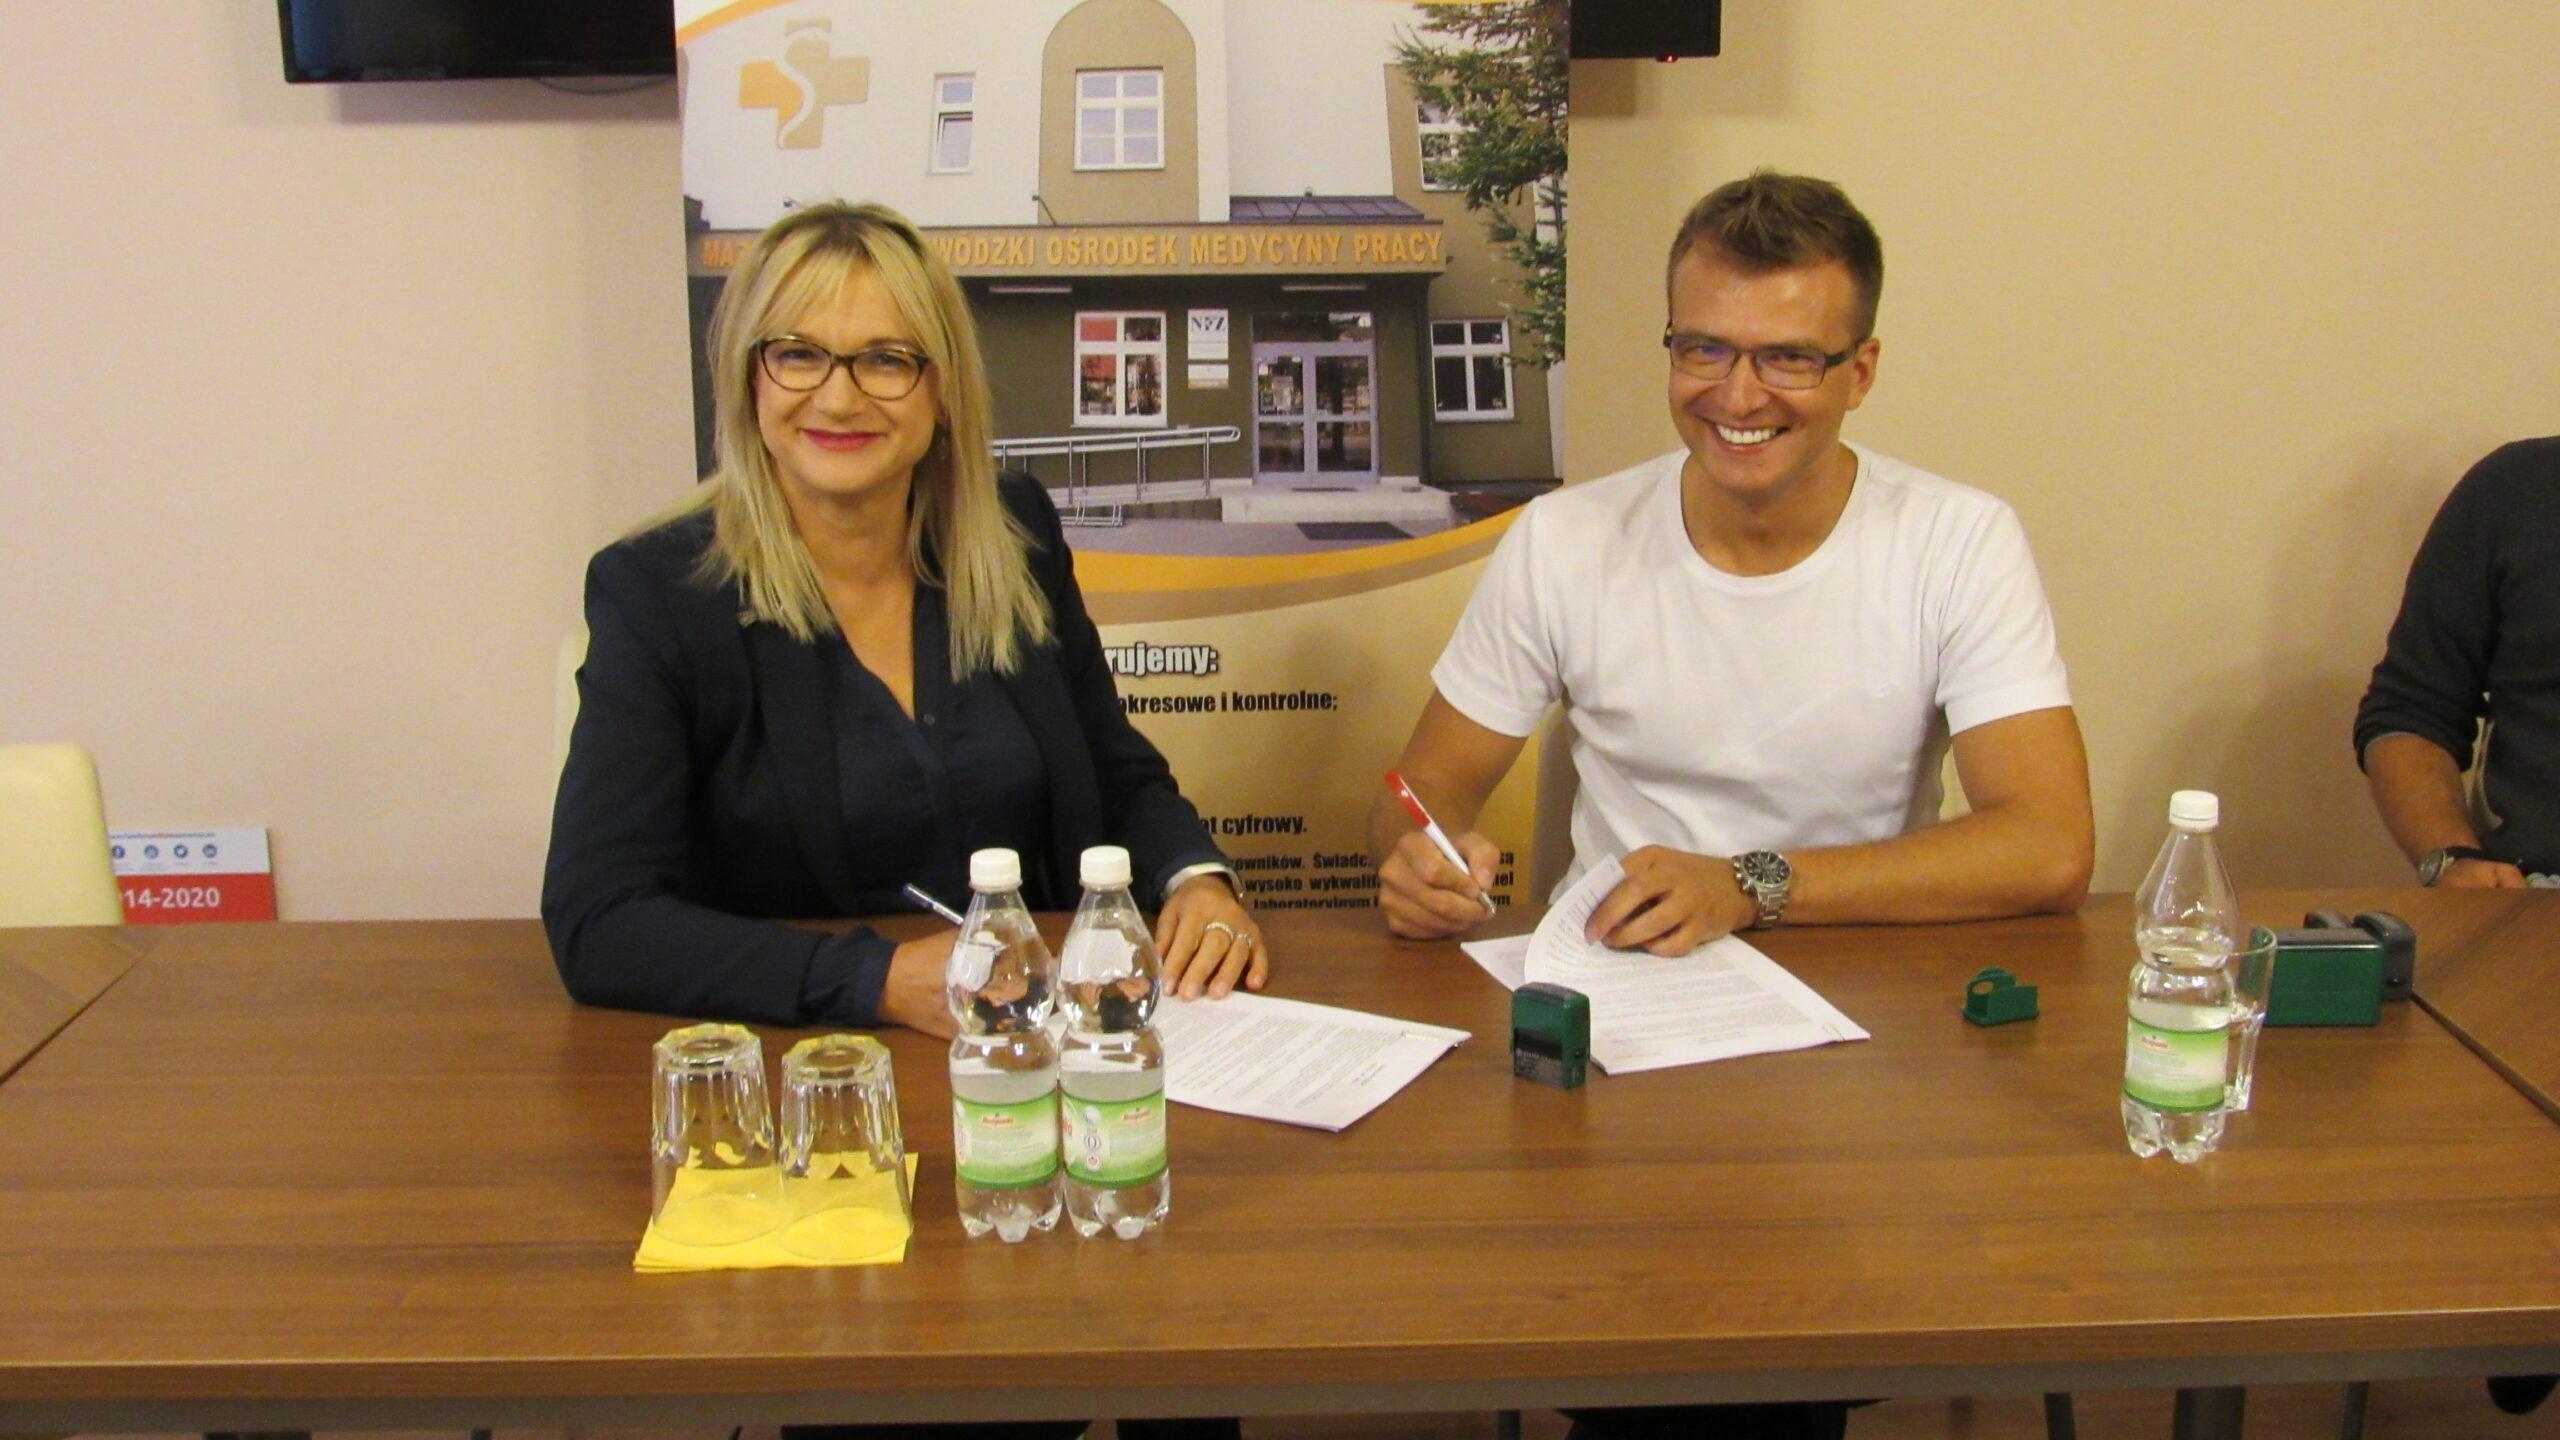 Dyrektor MWOMP podpisująca umowę z wykonawcą inwestycji